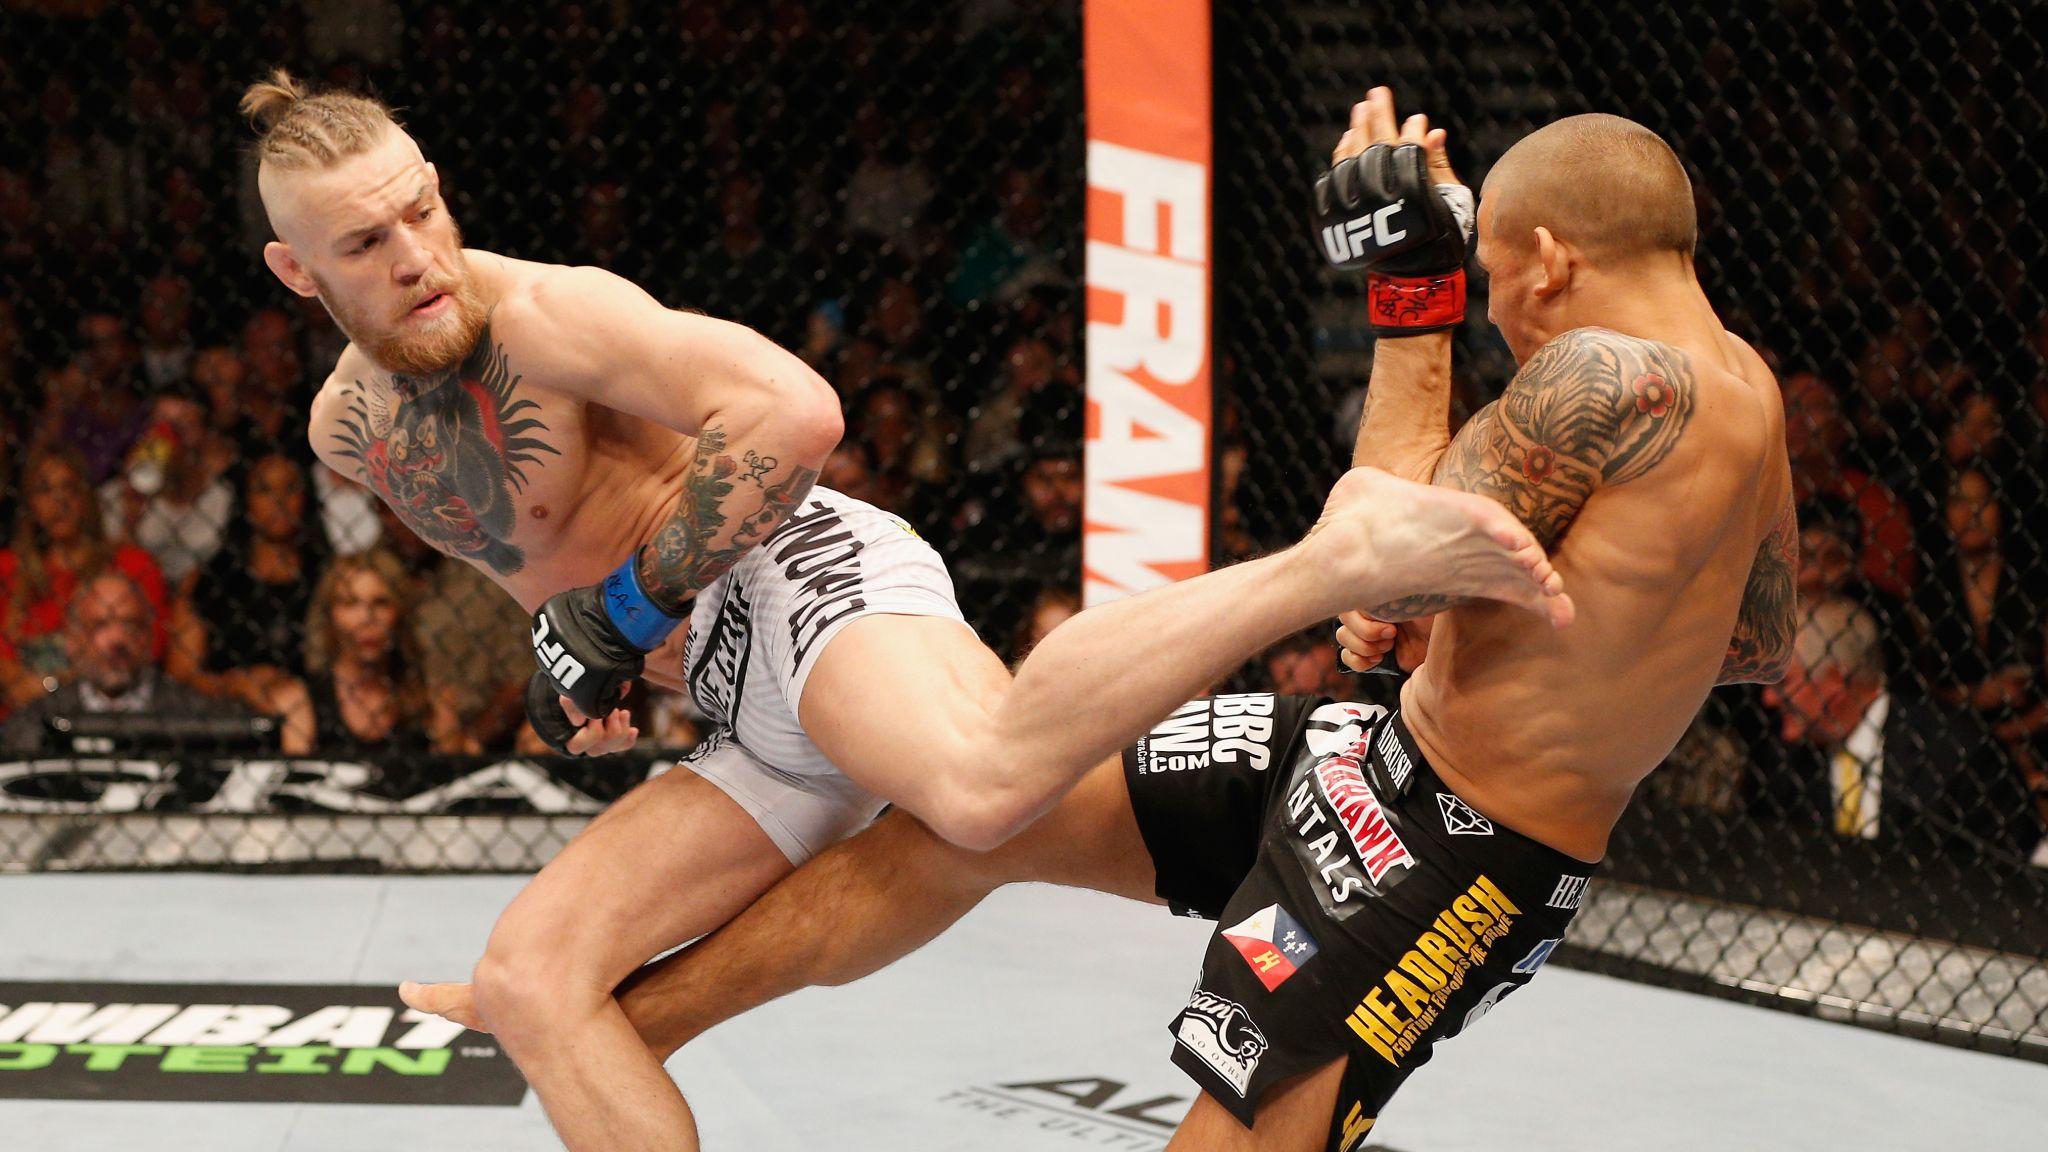 敲定!嘴炮12月对阵钻石,进行一场与UFC无关的综合格斗比赛